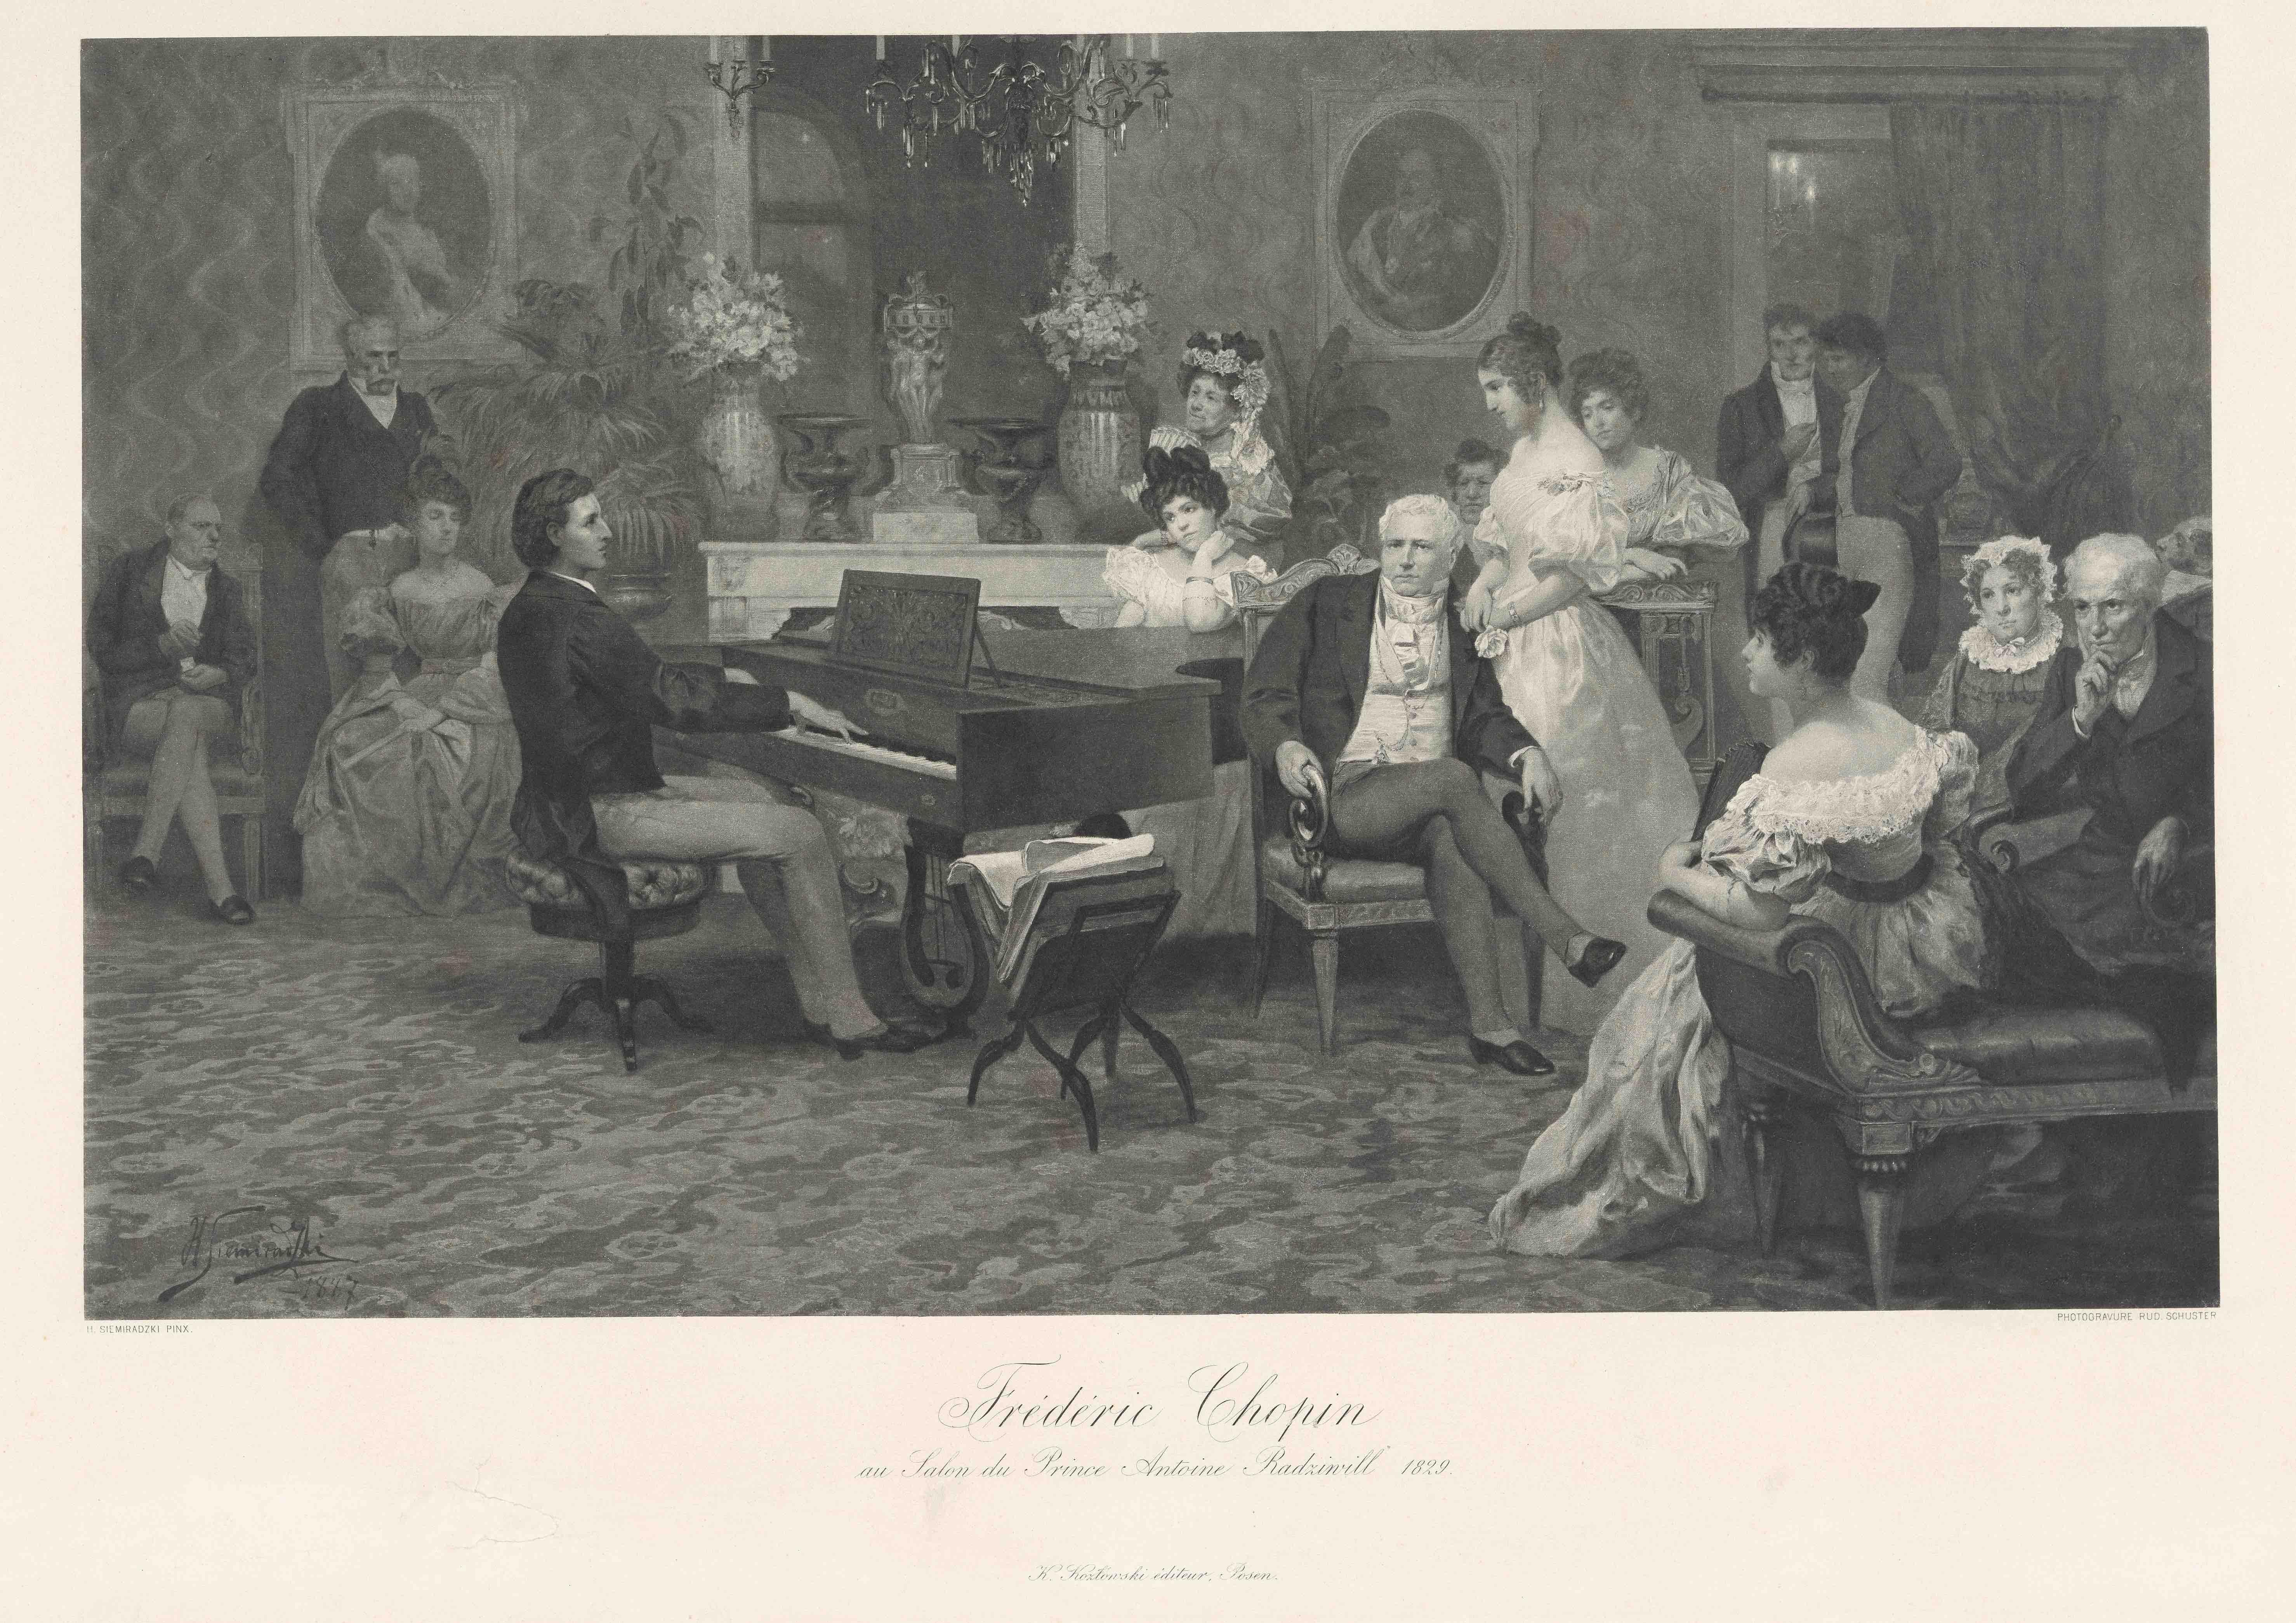 《ラジヴィウ公のサロンのショパン》1888年 NIFC